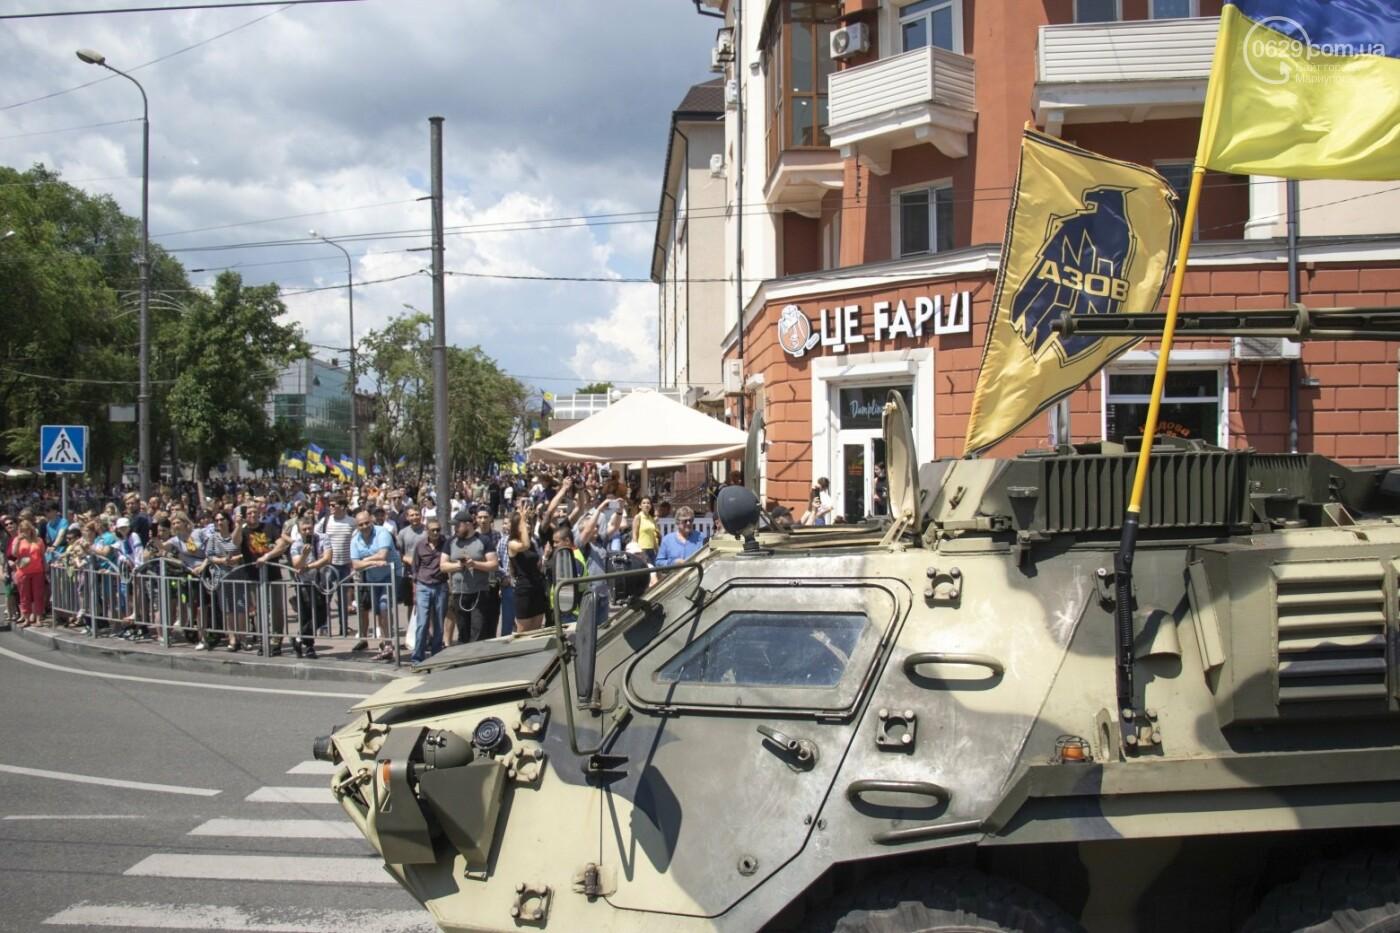 Без мэра. Как прошла в Мариуполе 7-я годовщина освобождения города от террористов и сепаратистов, - ФОТОРЕПОРТАЖ, фото-17